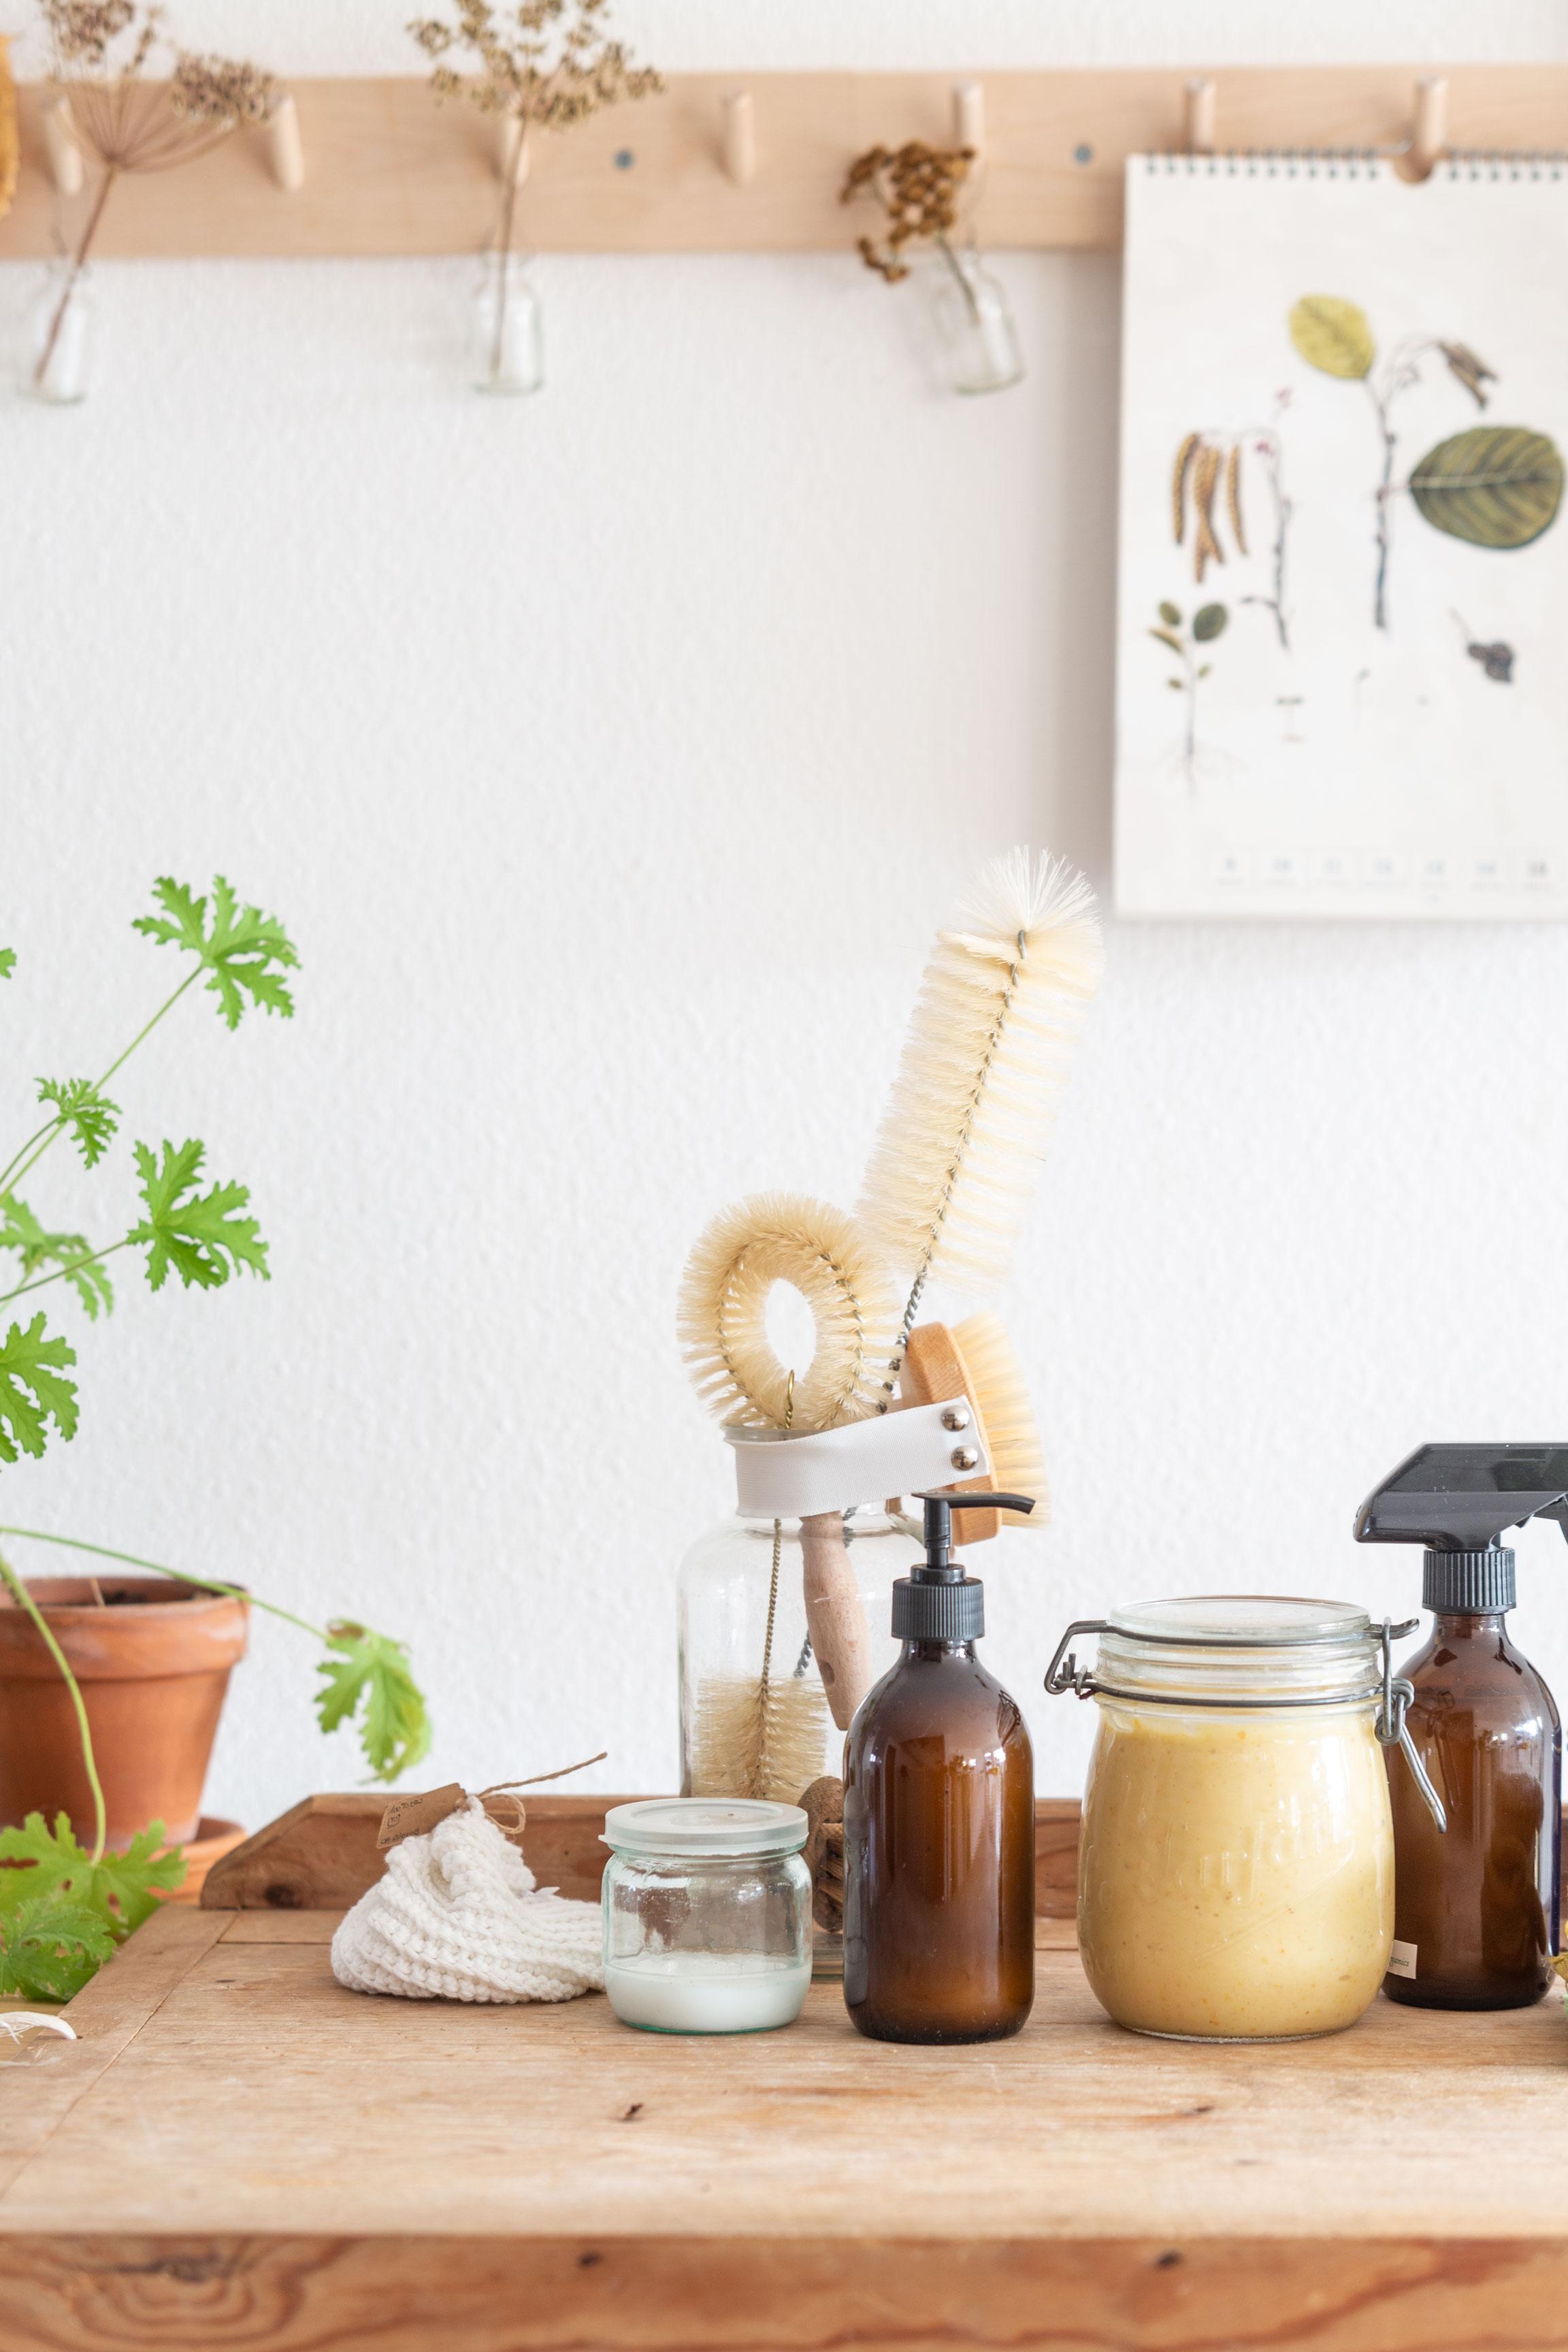 Apfelessig - Putzmittel selber machen | Gesunde vegane Rezepte, Fermentation, Nachhaltigkeit - Syl Gervais